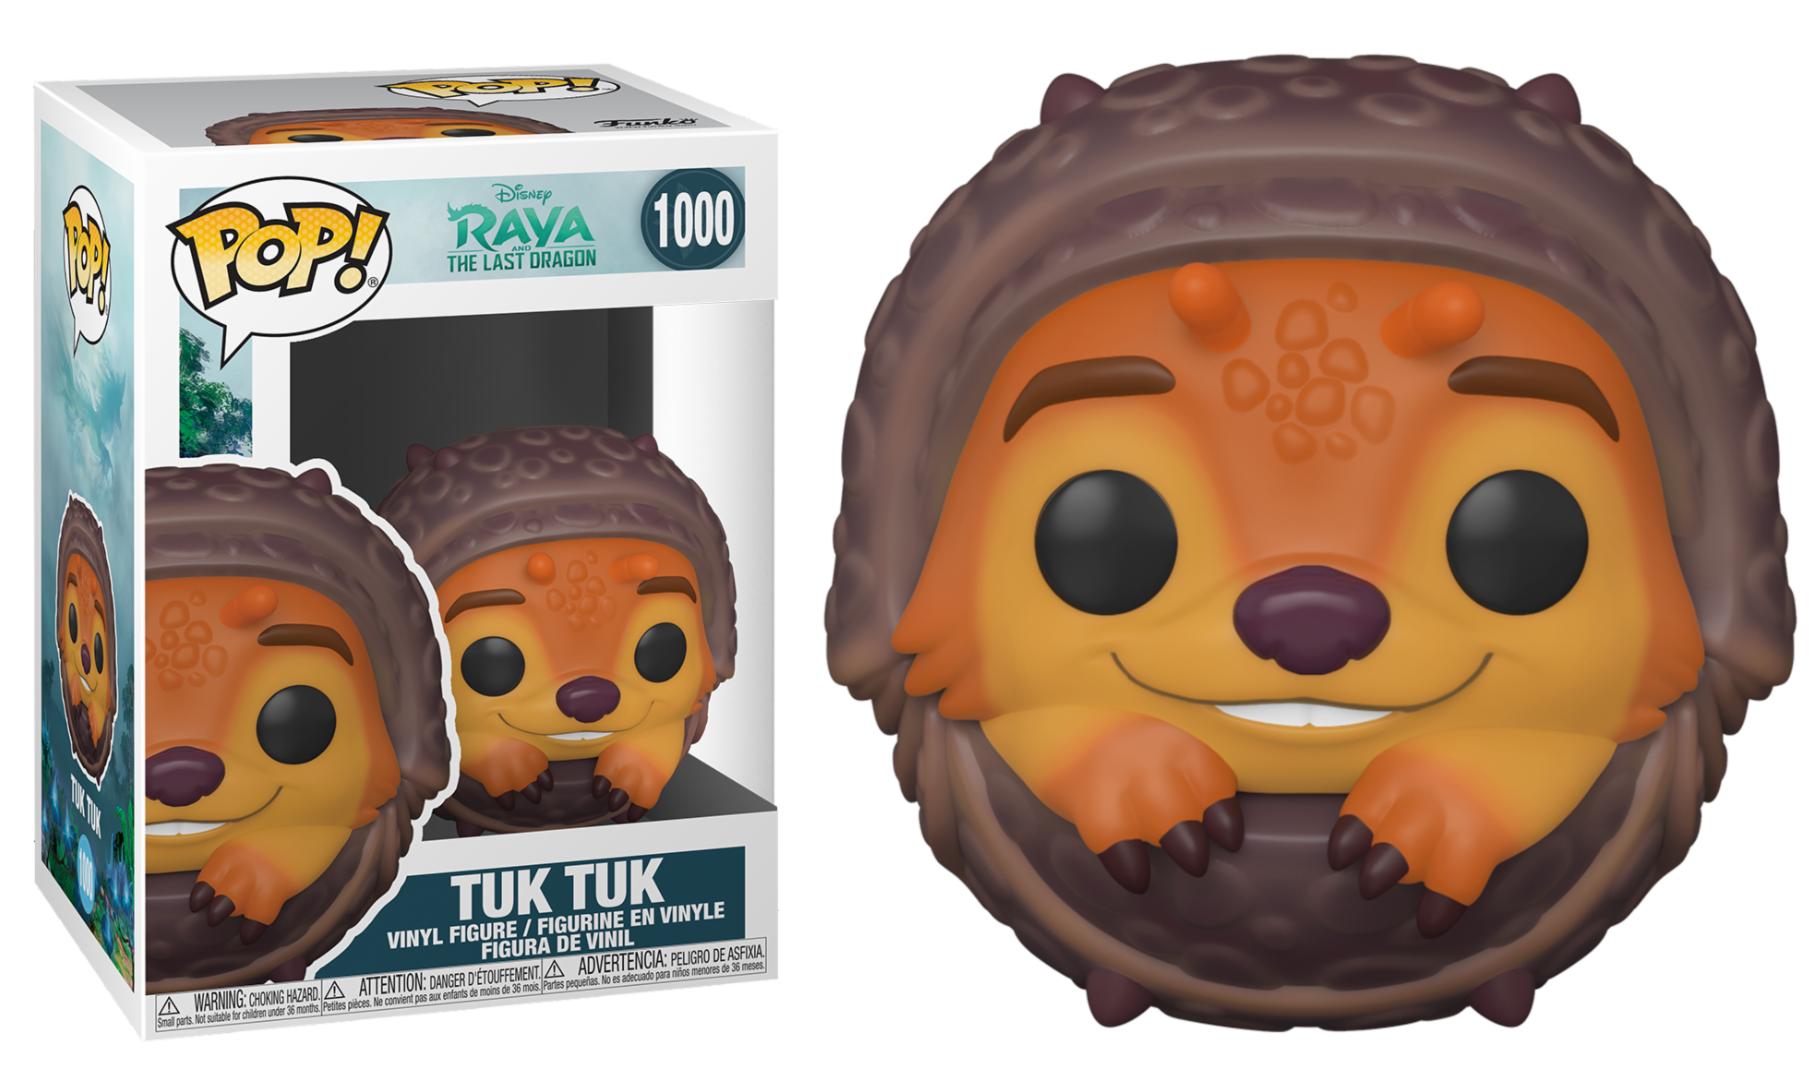 Pré-commande! Raya, The Last Dragon - Bobble Head Funko Pop N°1000 : Tuk Tuk